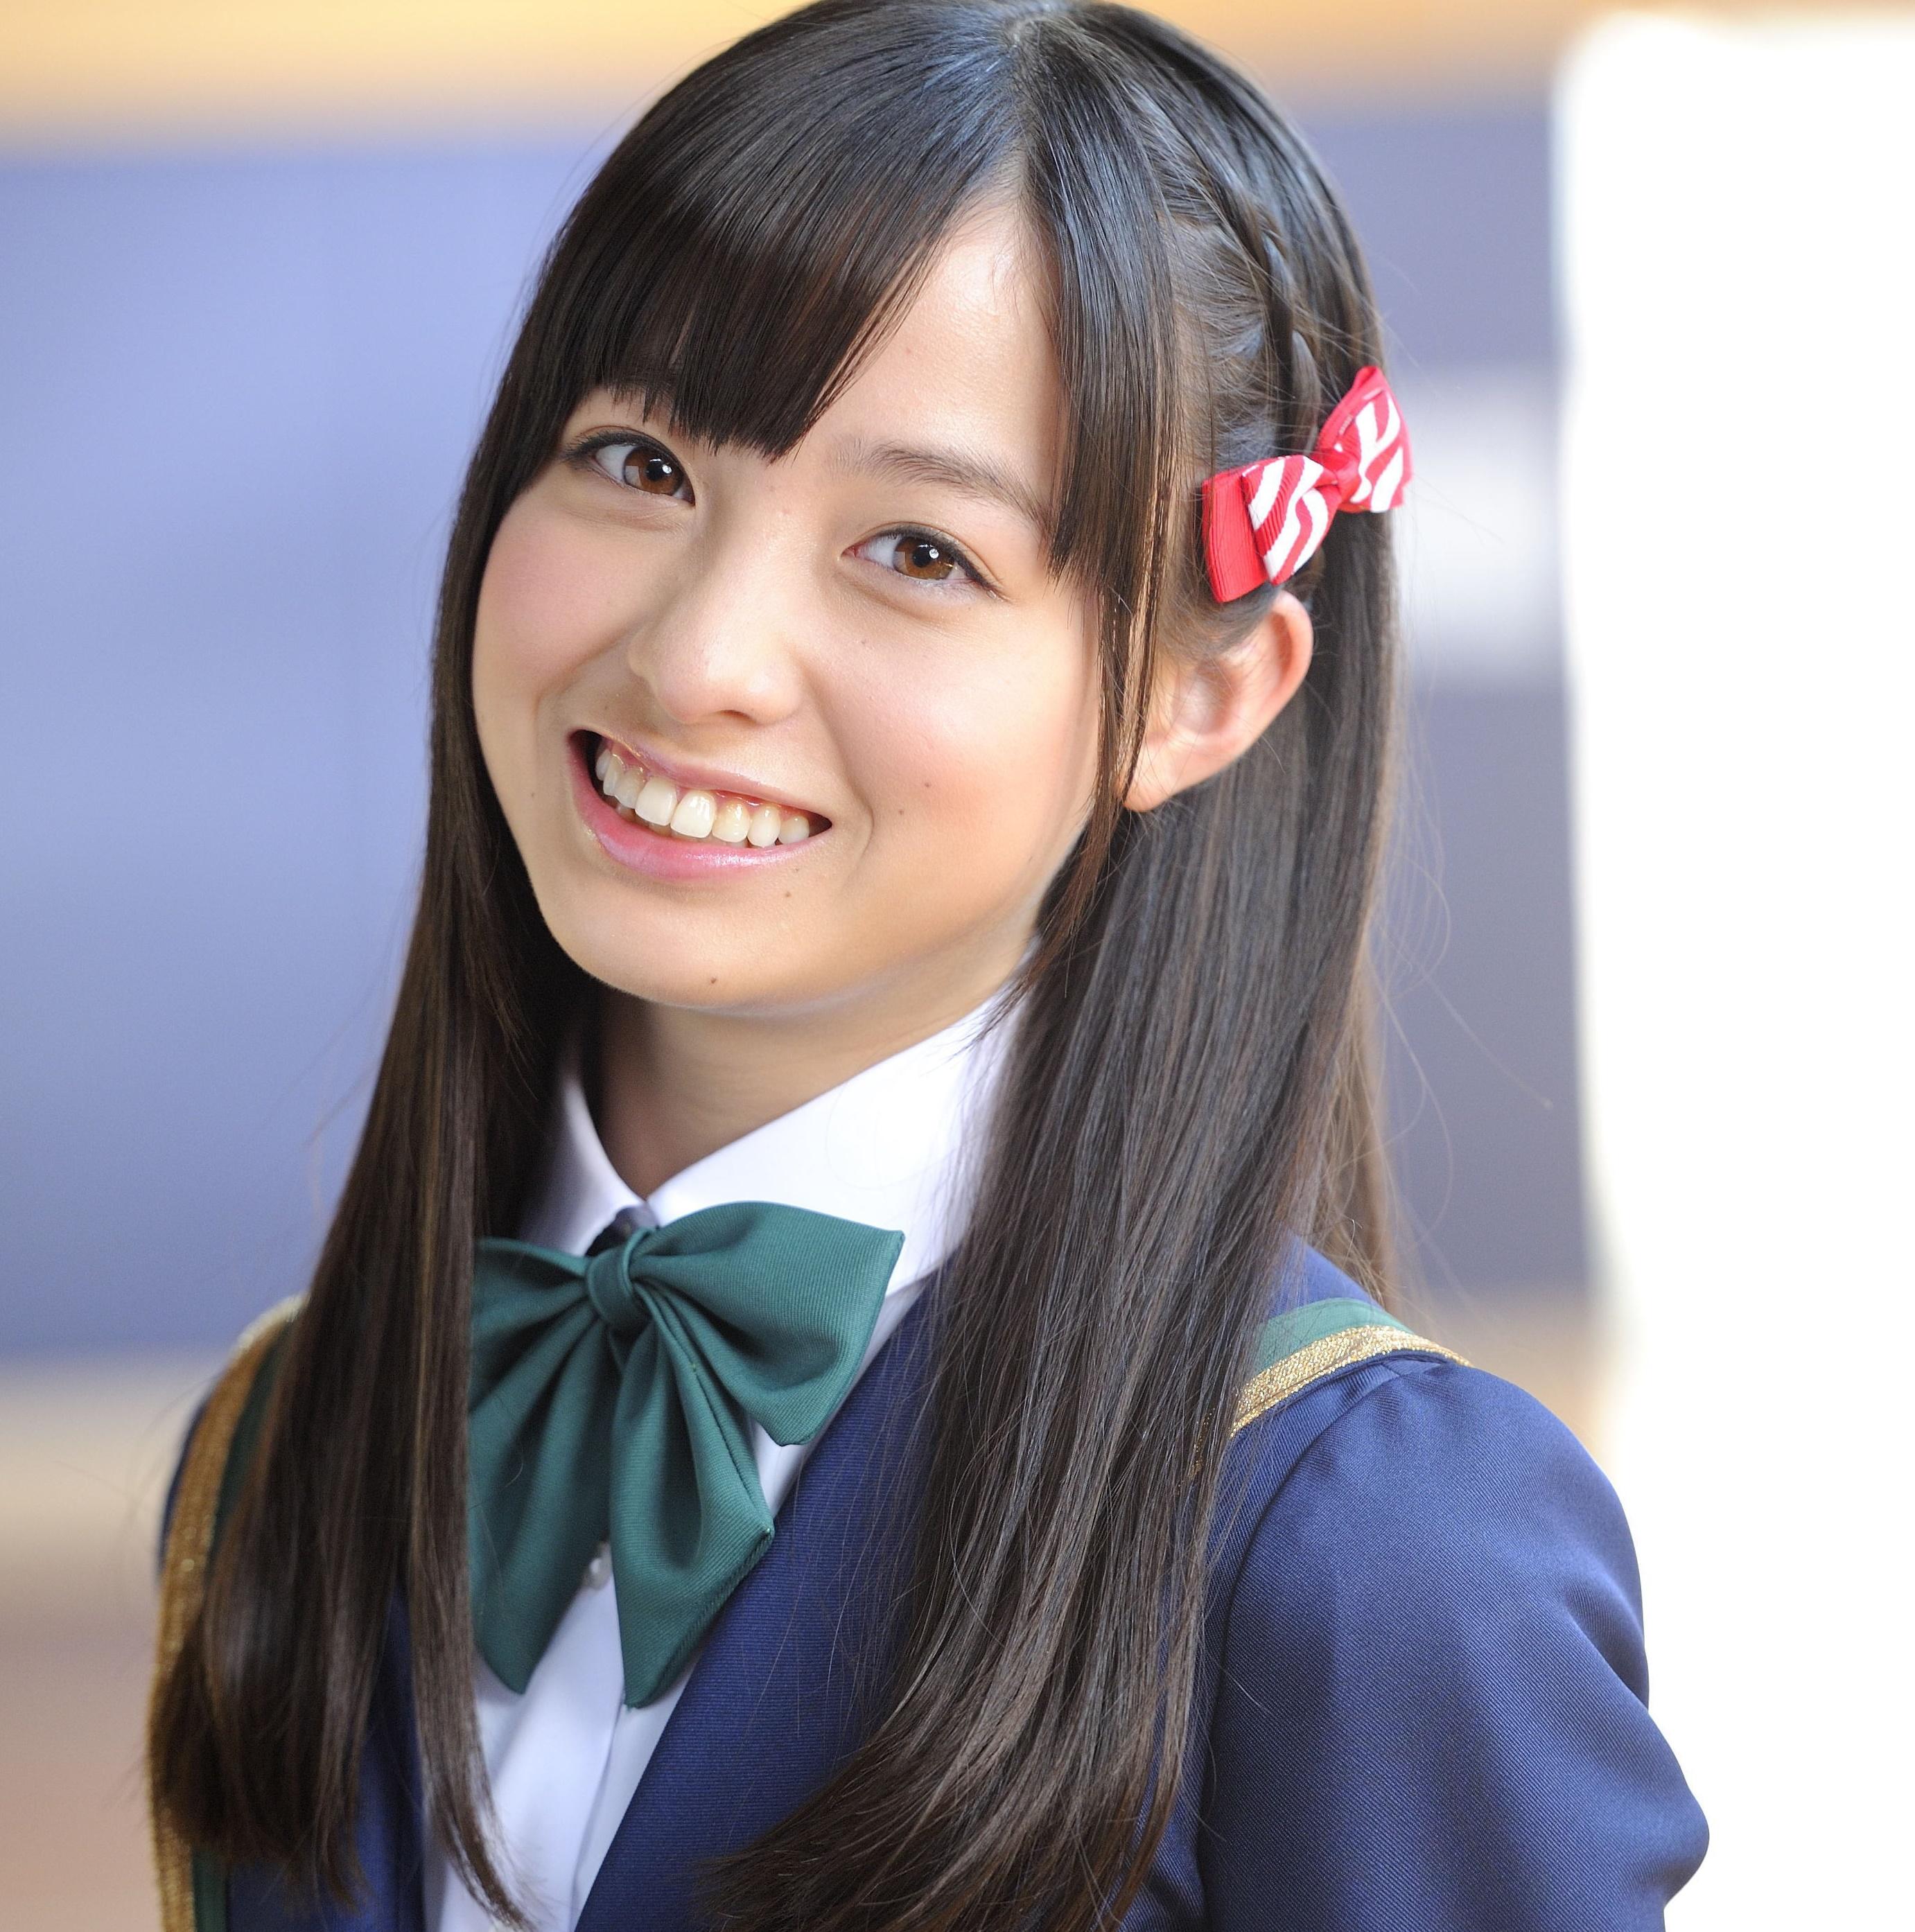 1000年に1度の奇跡の美少女、橋本環奈ちゃん!